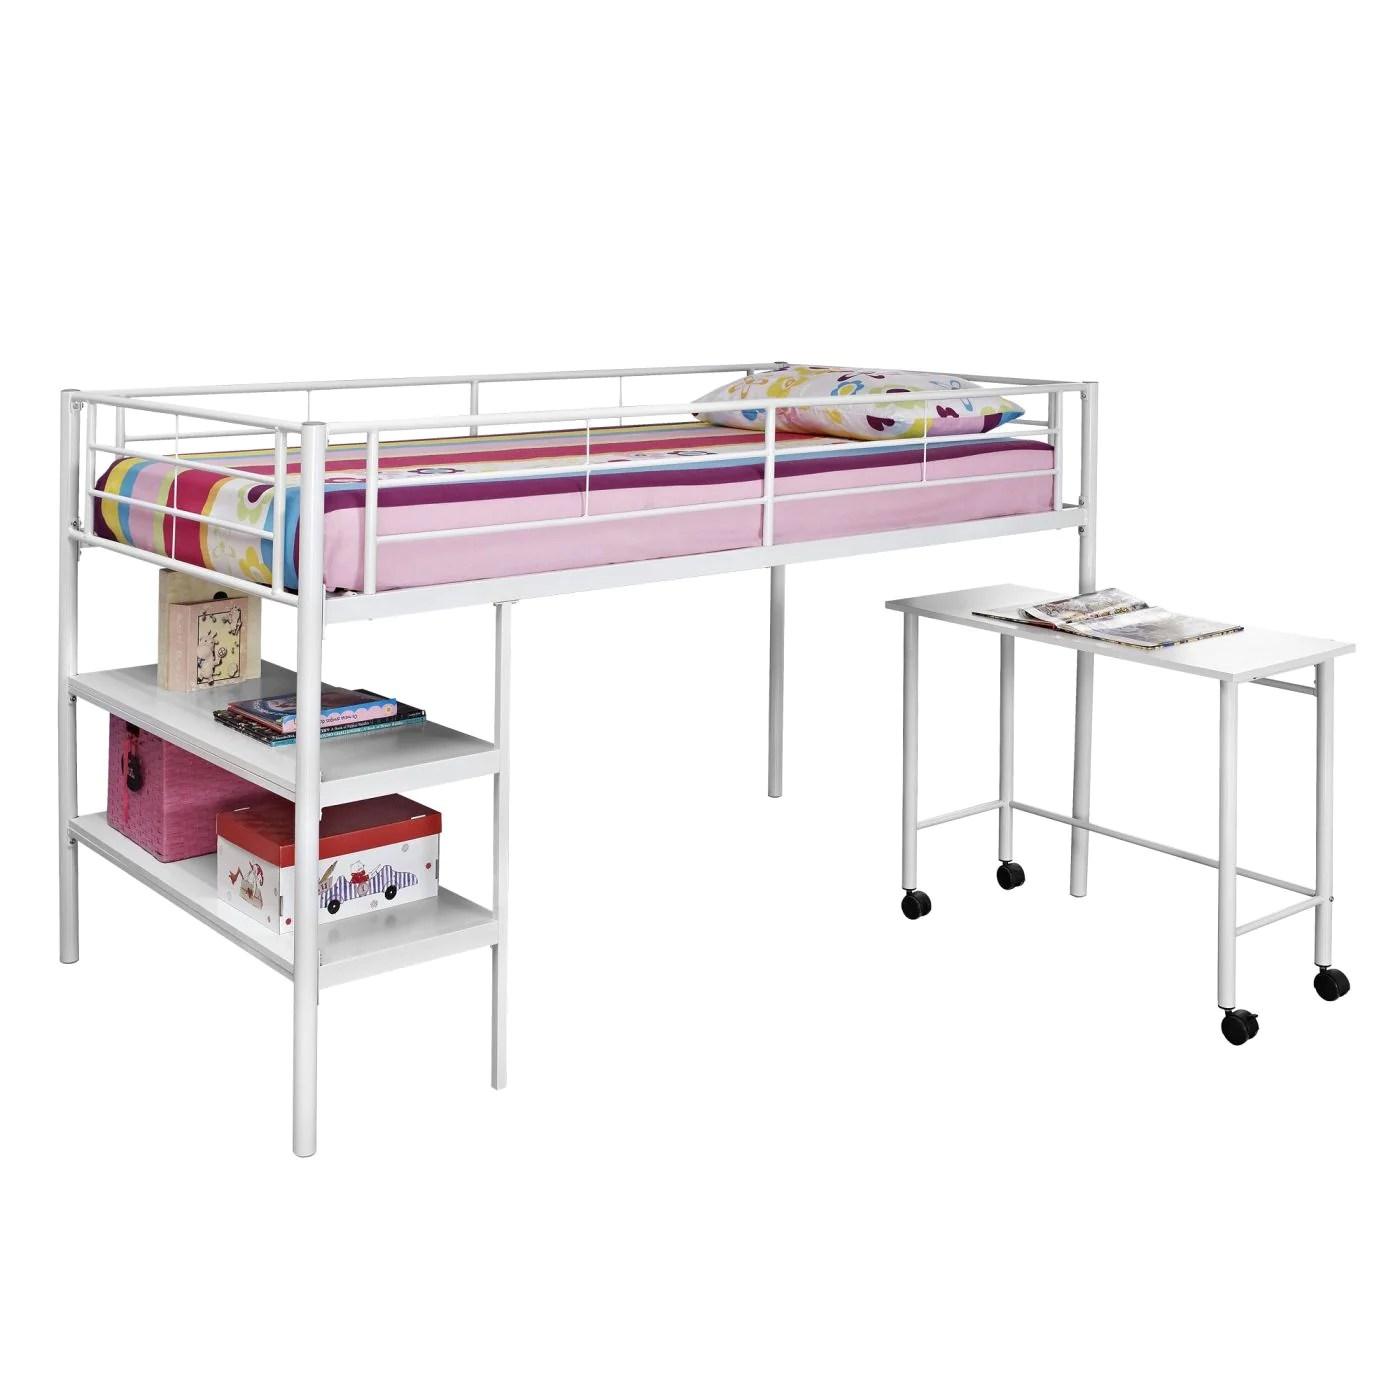 Swish Storage Desk Bunk Walker Edison Twin Low Loft Bed Twin Low Loft Bed Desk Low Loft Bed Diy Low Loft Bed Desk houzz-03 Low Loft Bed